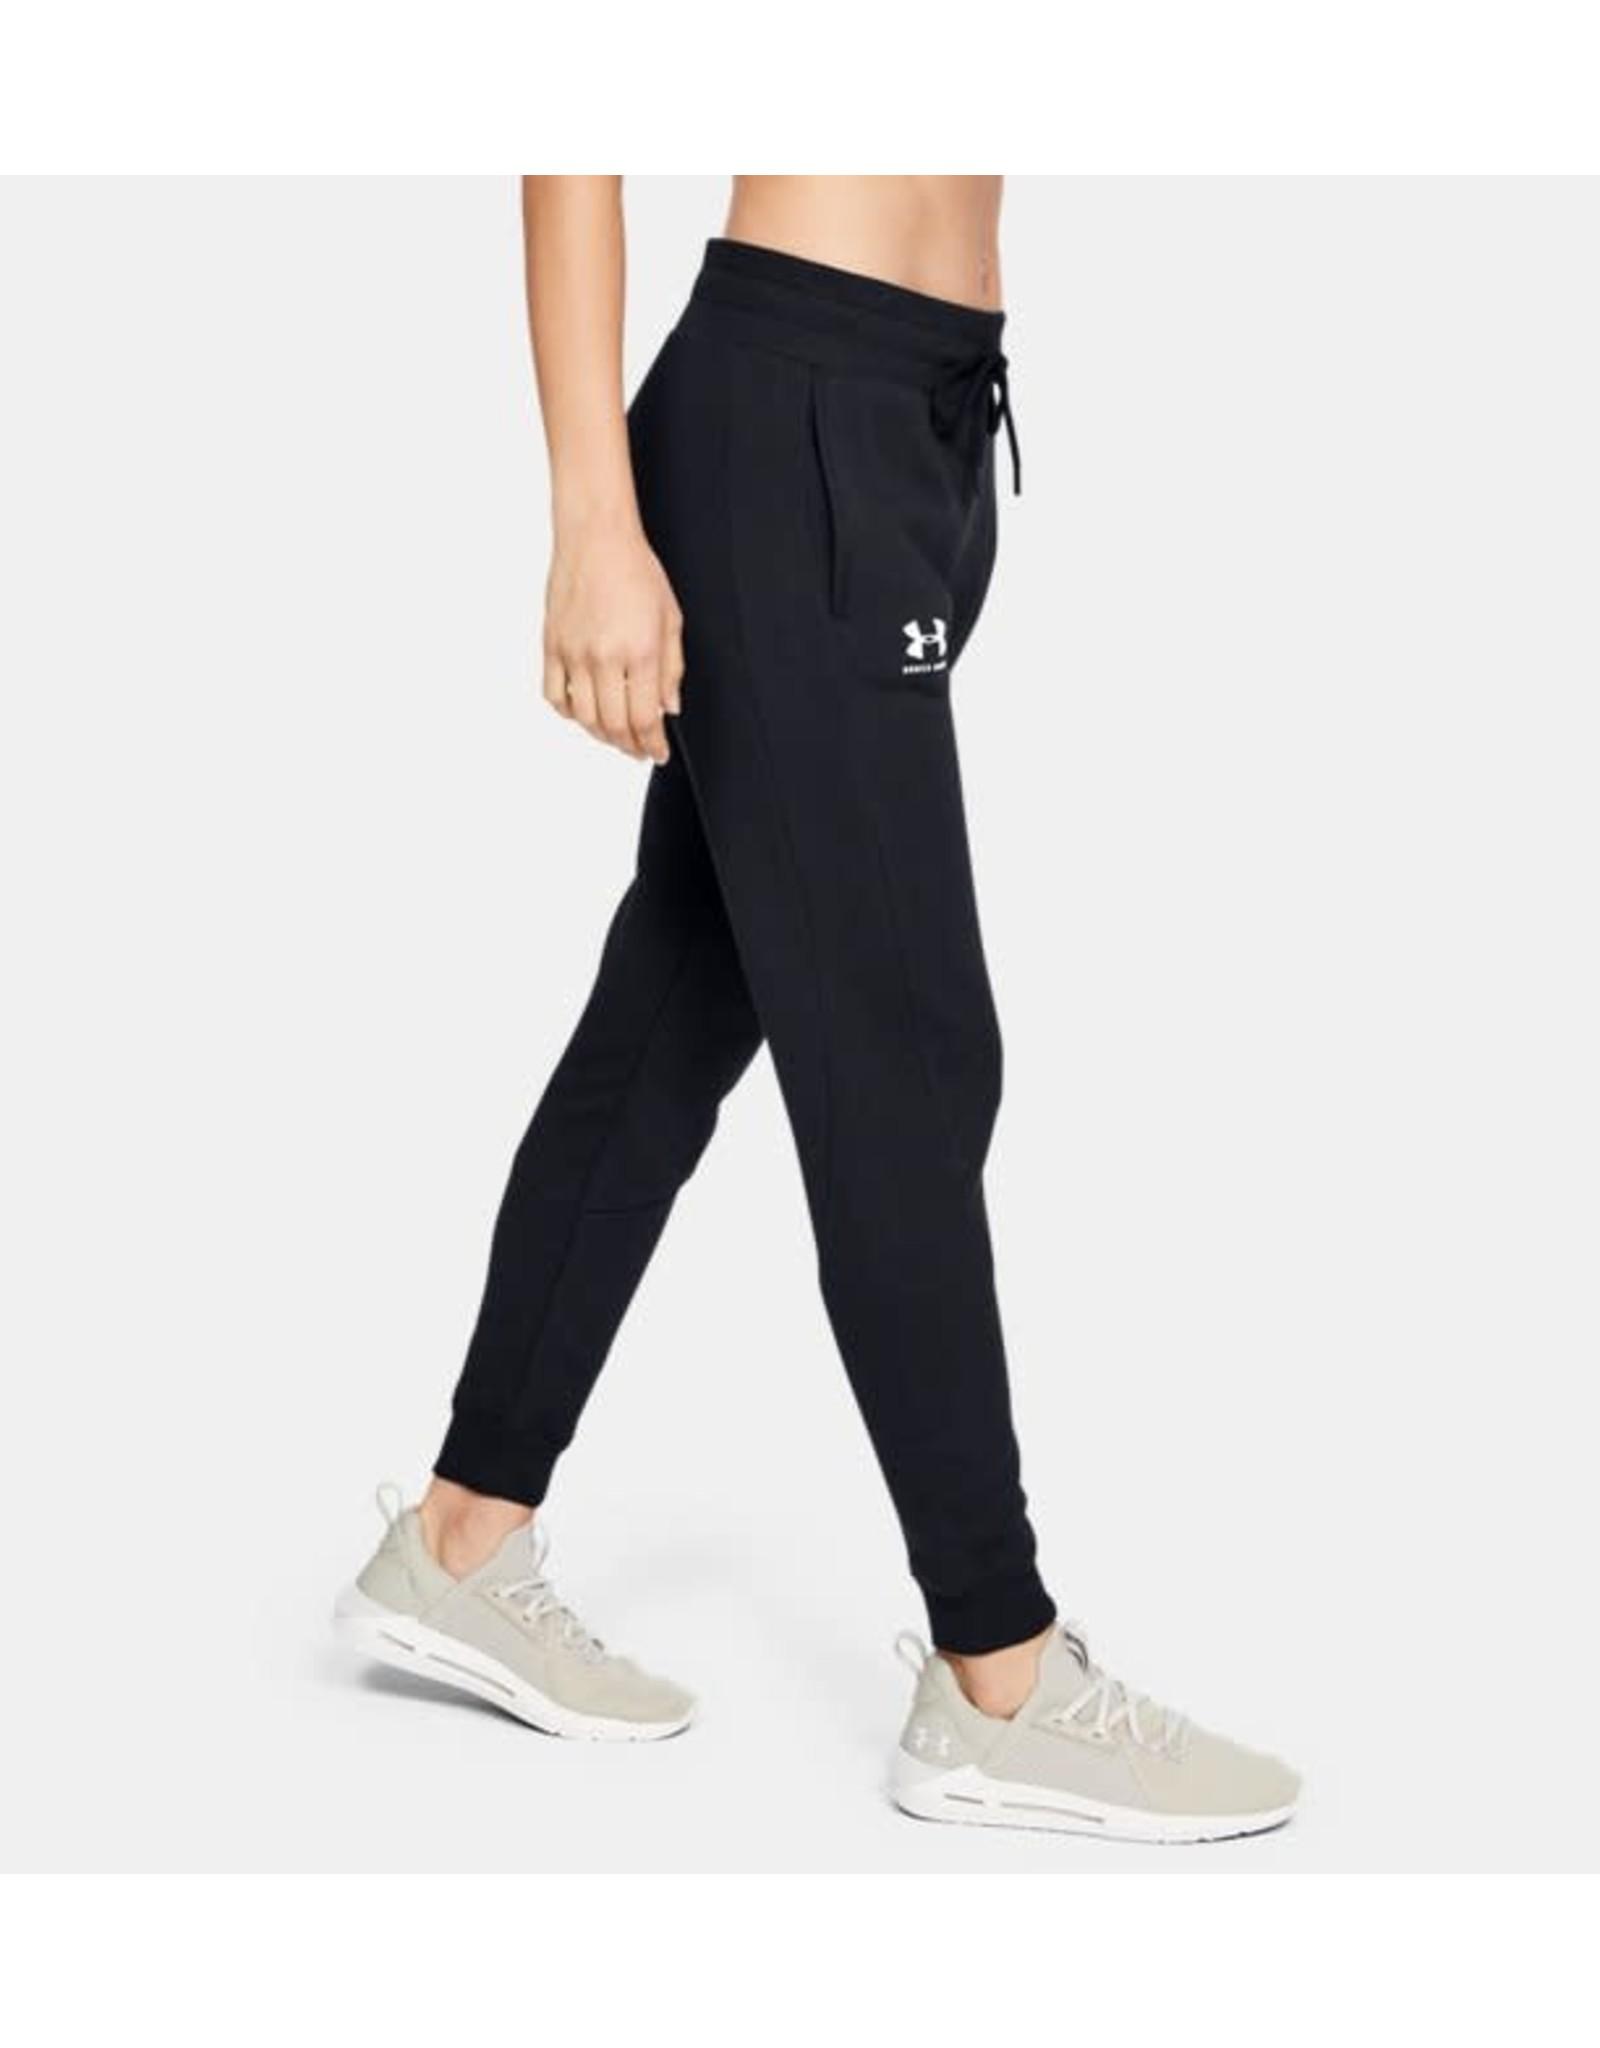 Under Armour Rival fleece fashion jogger black